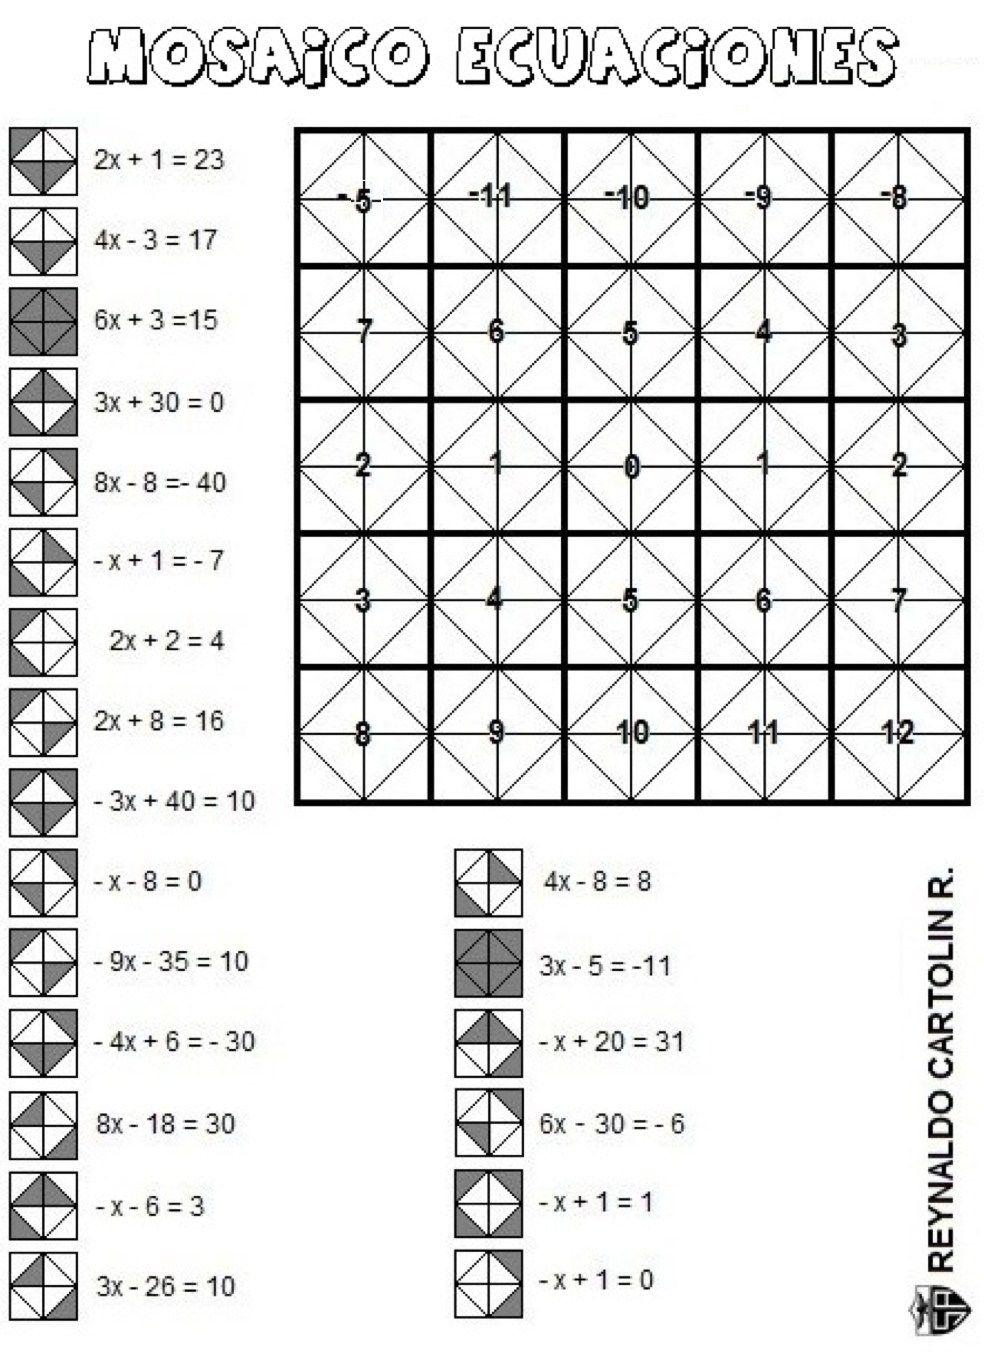 Mosaico ecuaciones Kids Math worksheets Algebra equations e